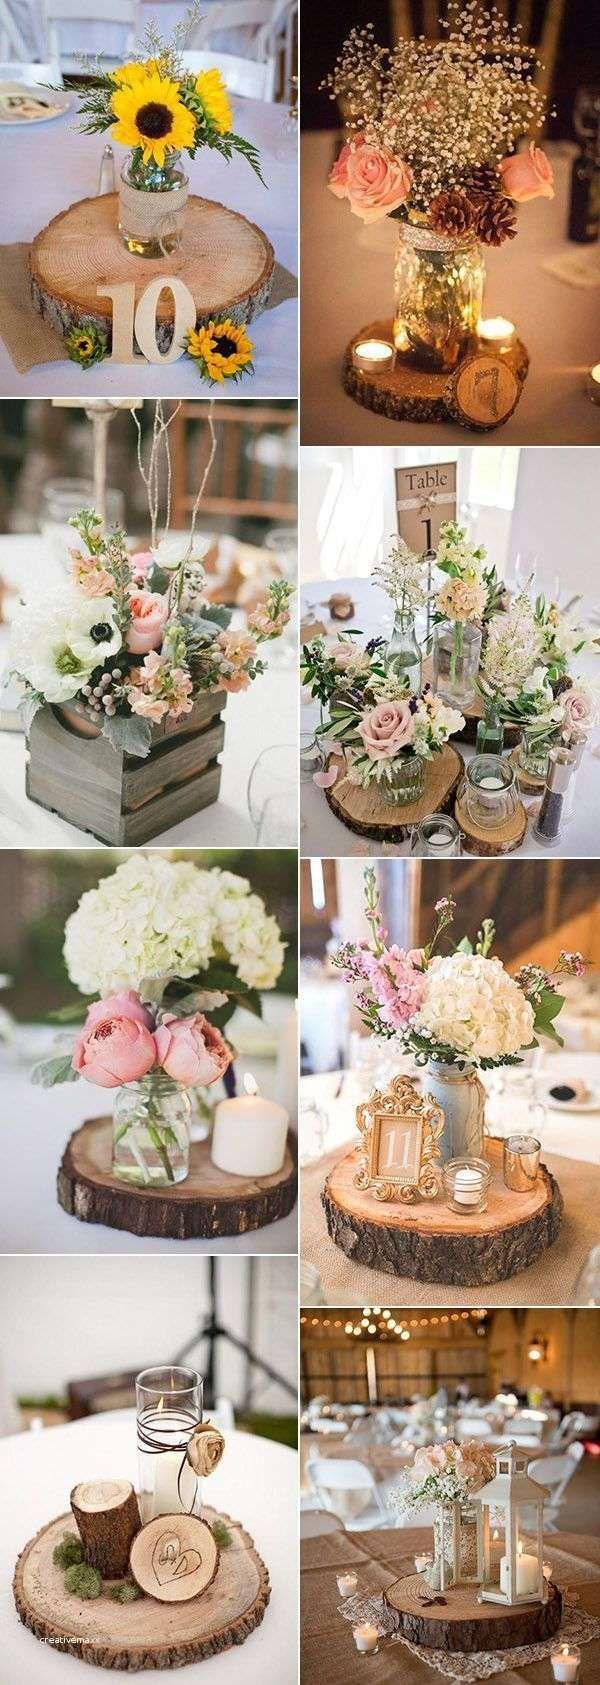 Best 25 Fall wedding centerpieces ideas on Pinterest